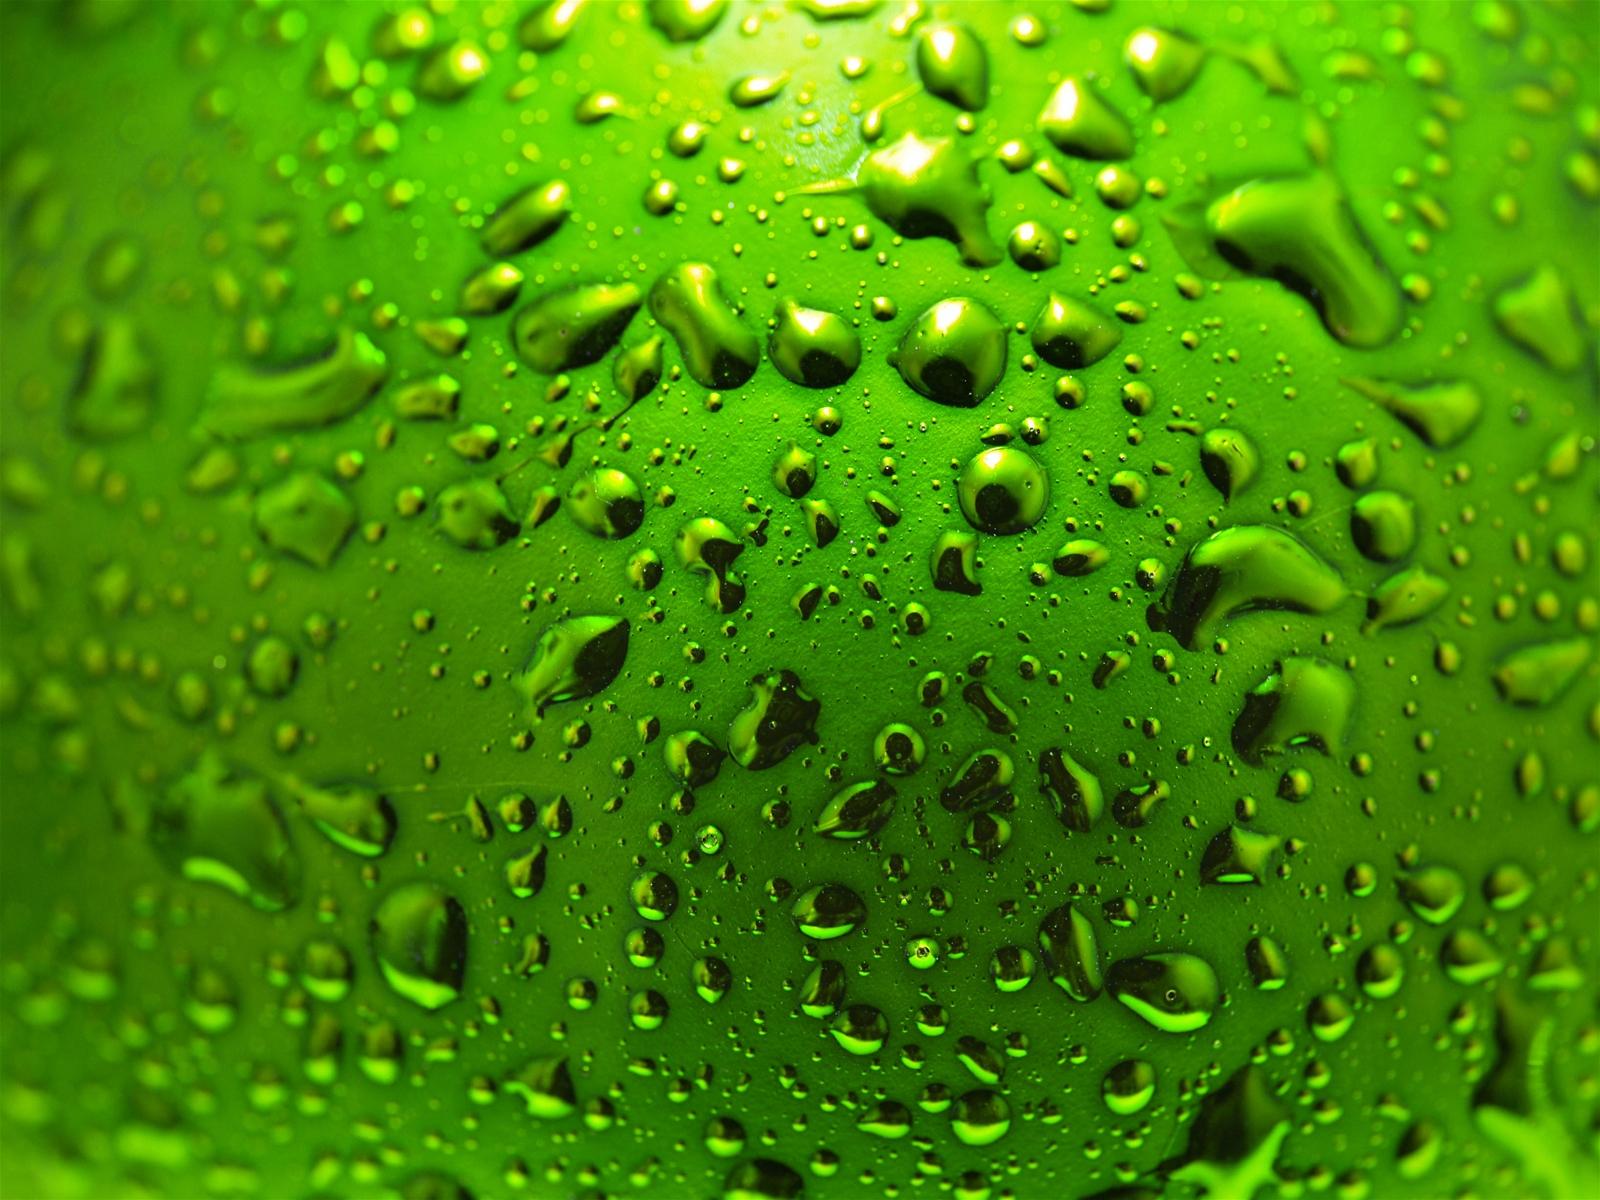 green_whater_sphere_medium_43-00213523.jpg